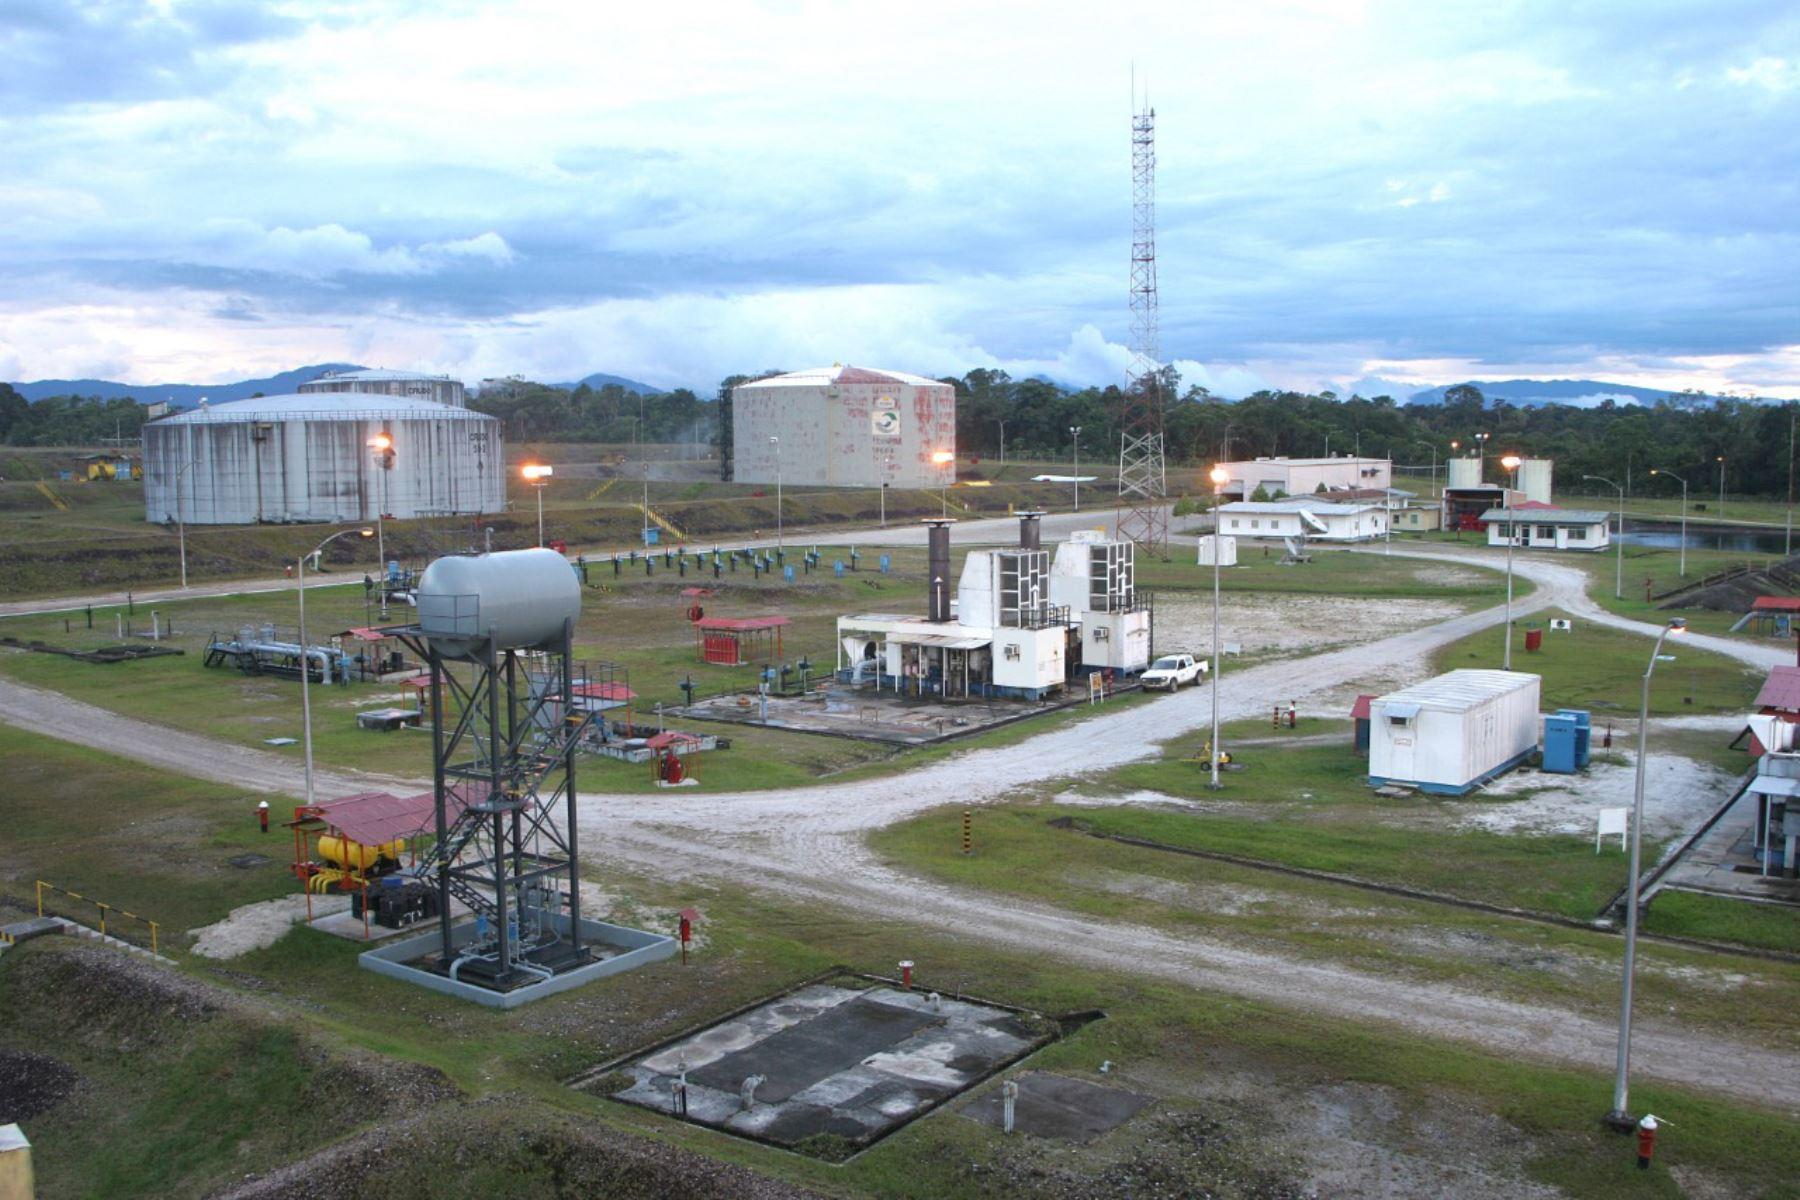 Petroperú: operaciones de transporte del oleoducto paralizadas por toma de Estación 5